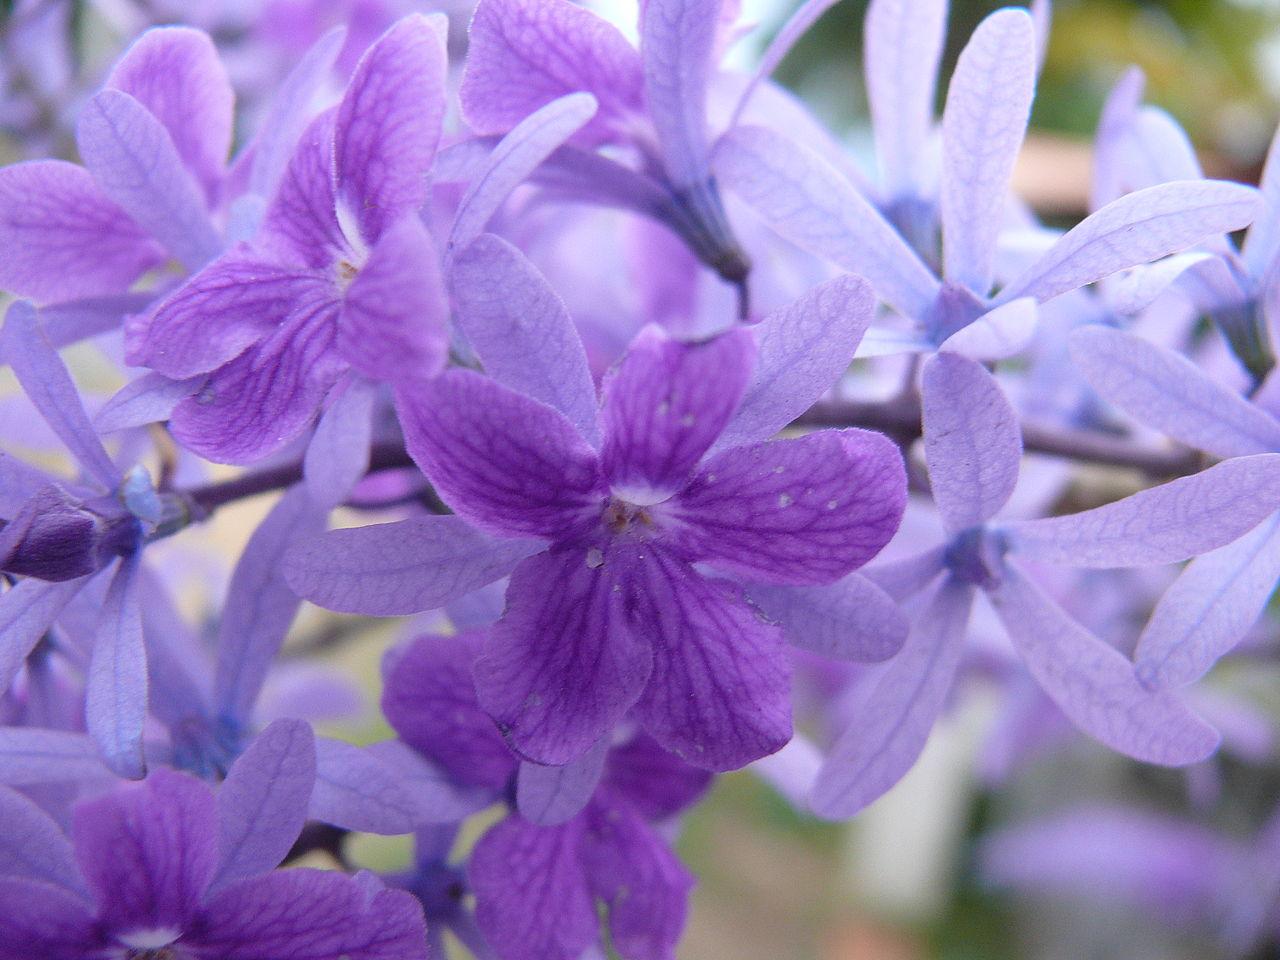 Fichier:Fleurs violettes kourou zoom.jpg — Wikipédia